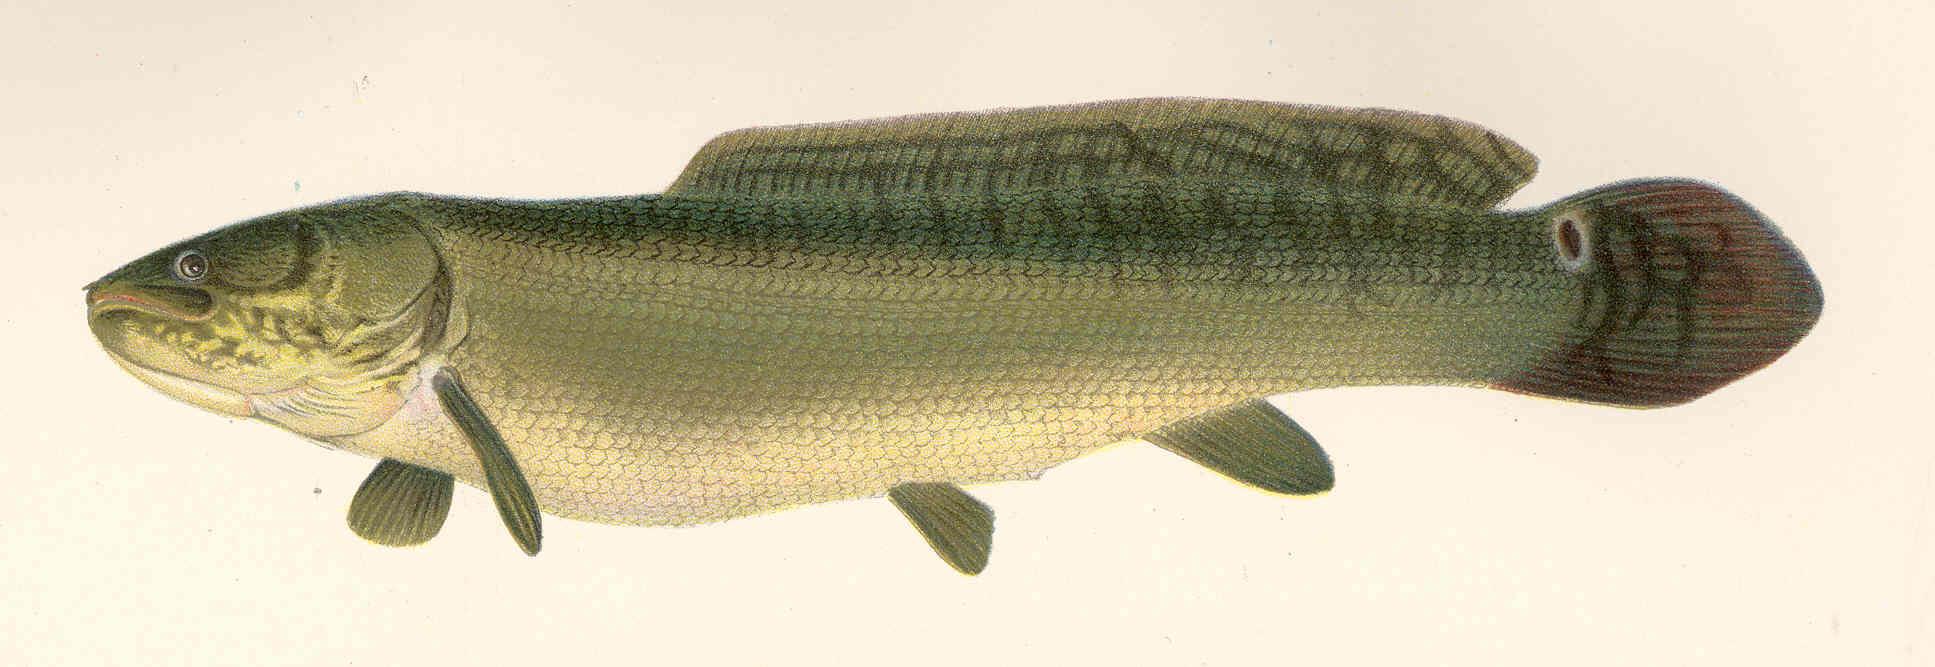 mud dog fish